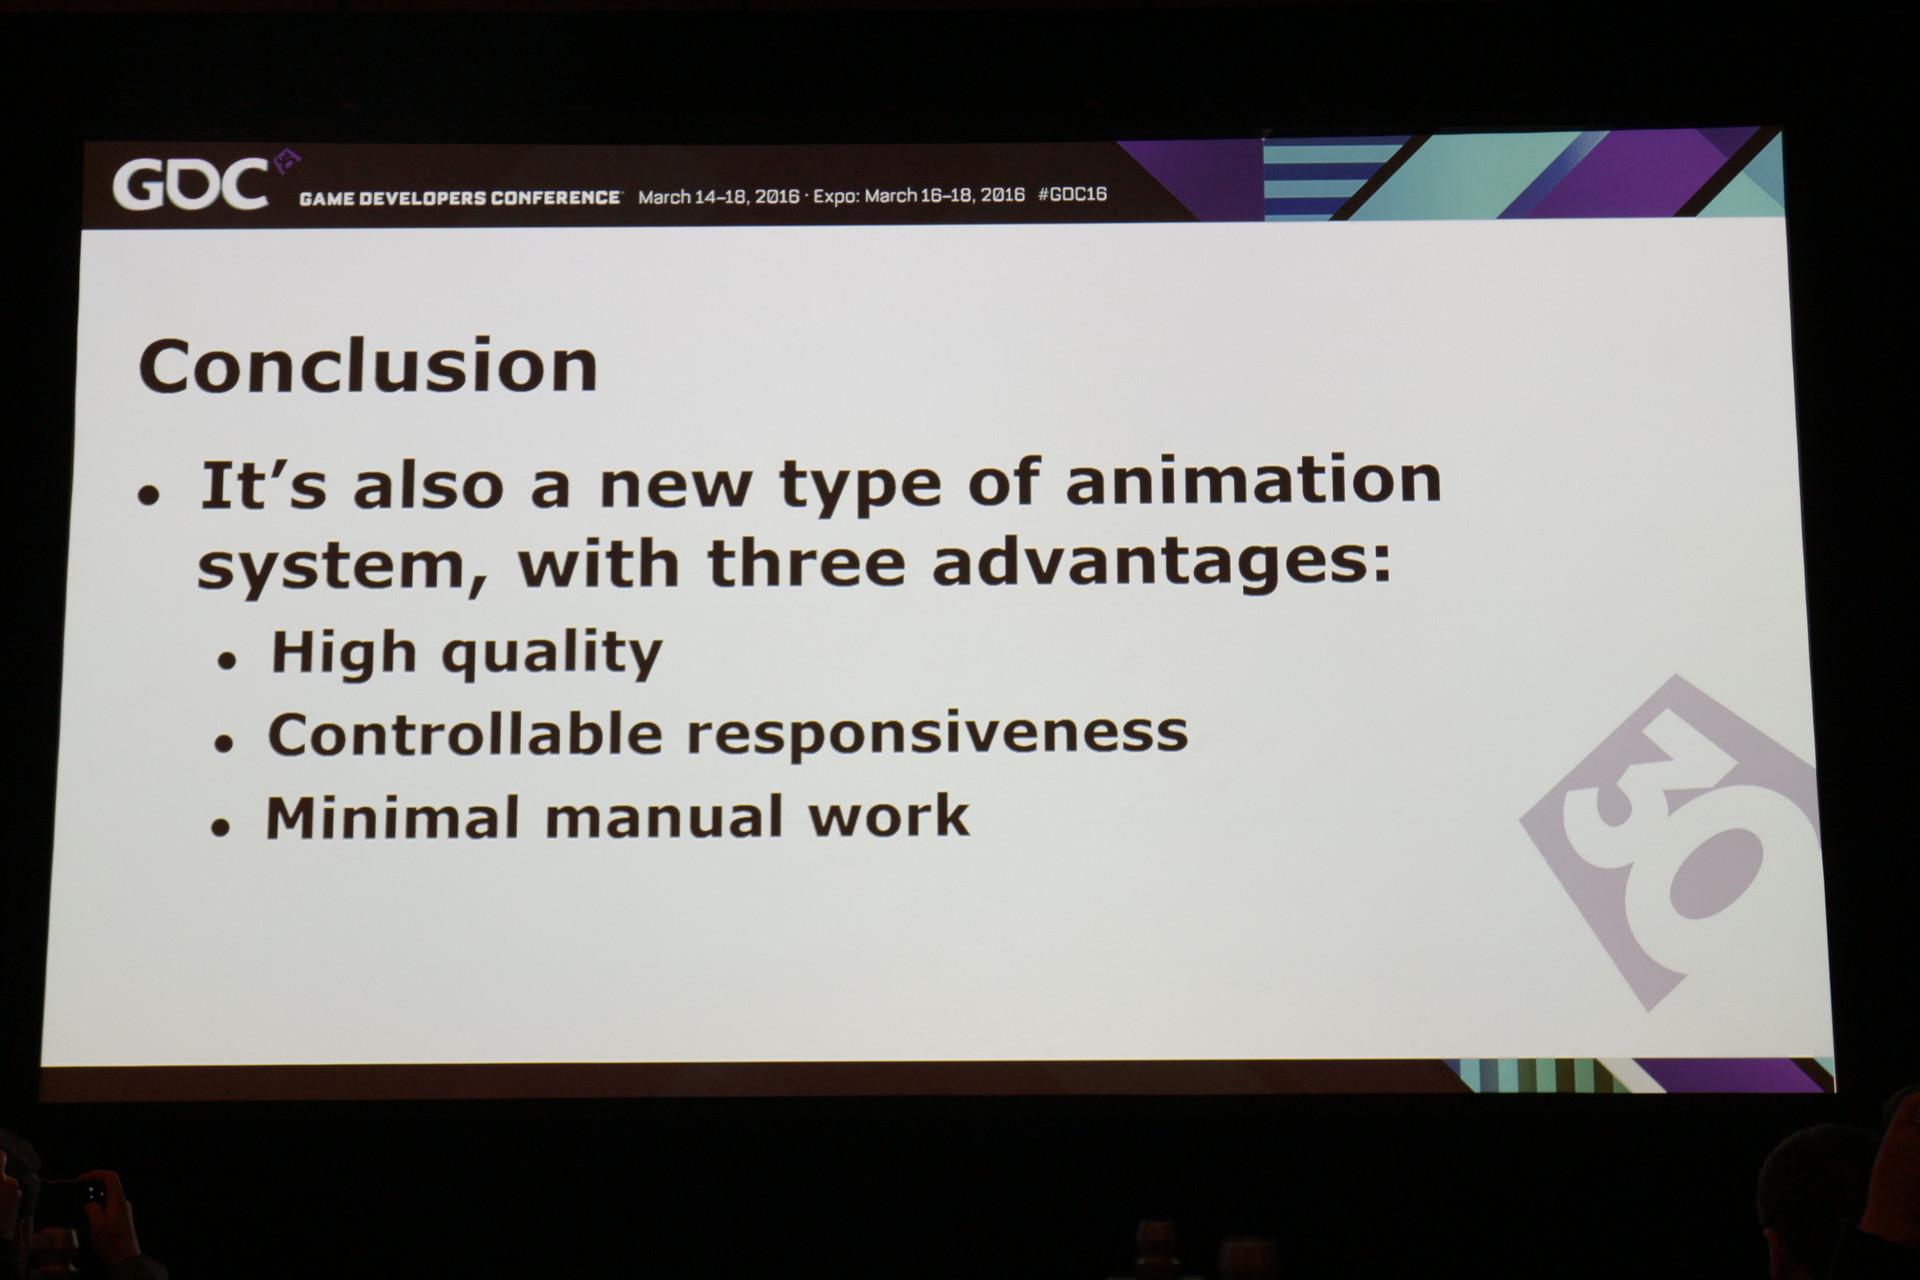 本手法のメリットは、機敏に操作可能なハイクオリティのアニメーションを実現でき、さらに、手作業も減ること。いいことづくめ?